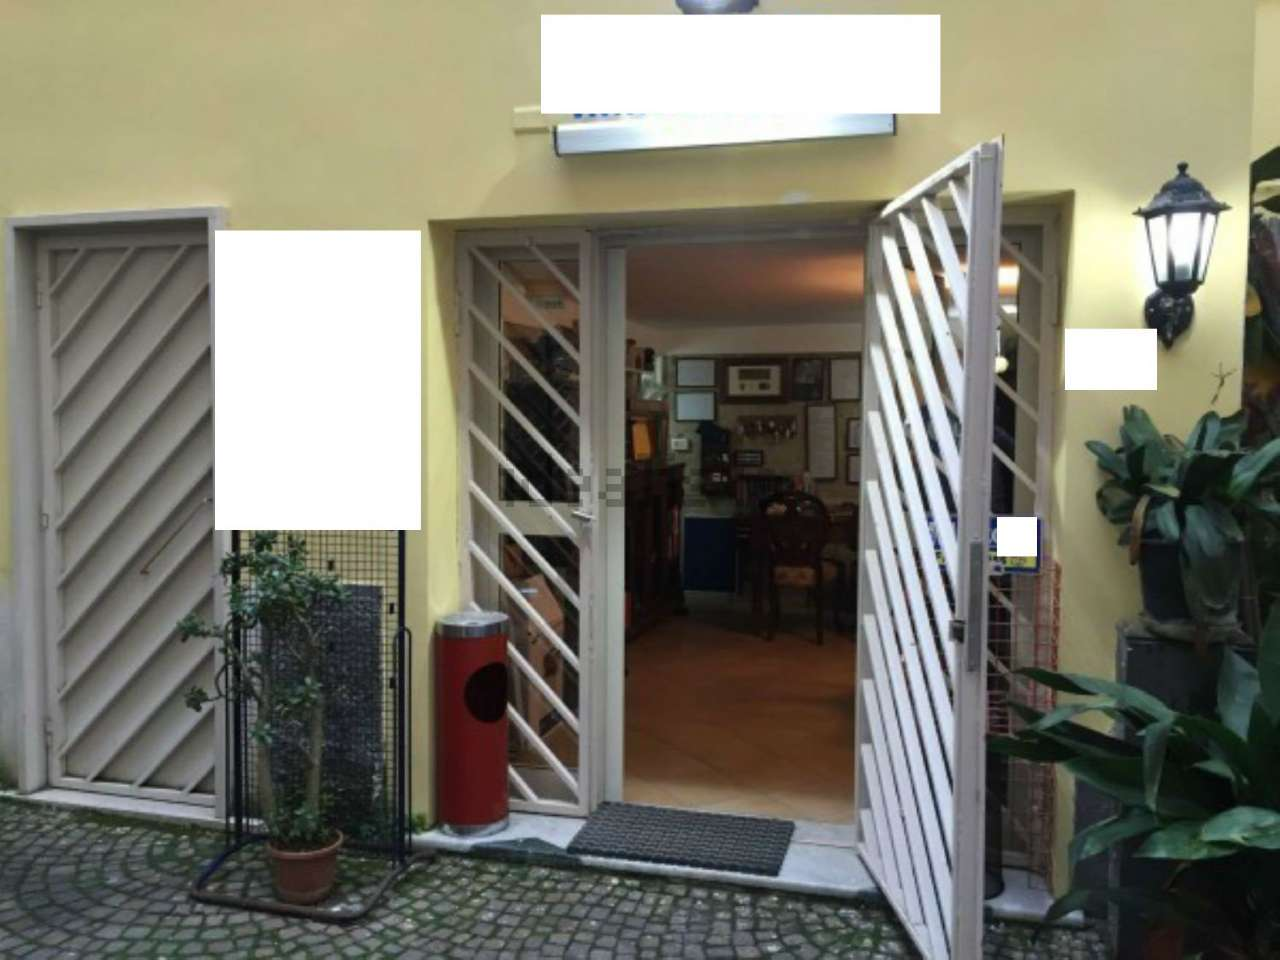 Ufficio / Studio in affitto a Napoli, 1 locali, zona Zona: 5 . Vomero, Arenella, prezzo € 300 | CambioCasa.it